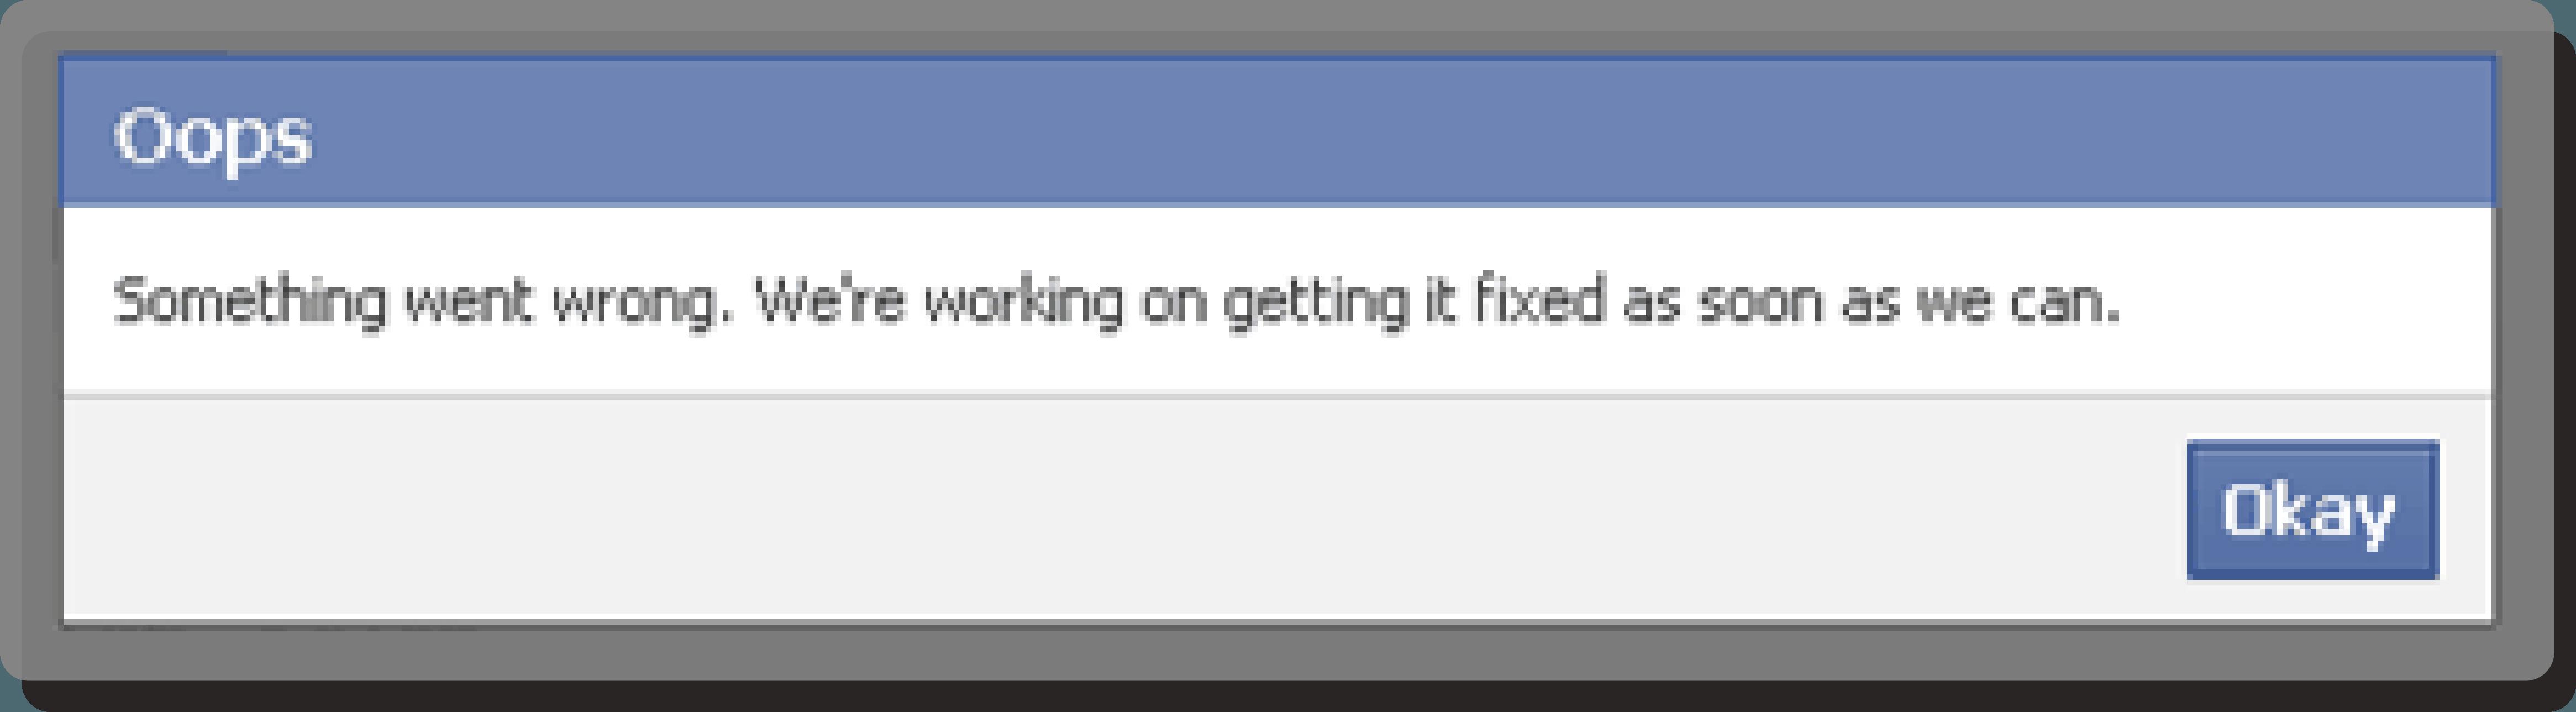 Facebook feilmelding: Oops something went wrong